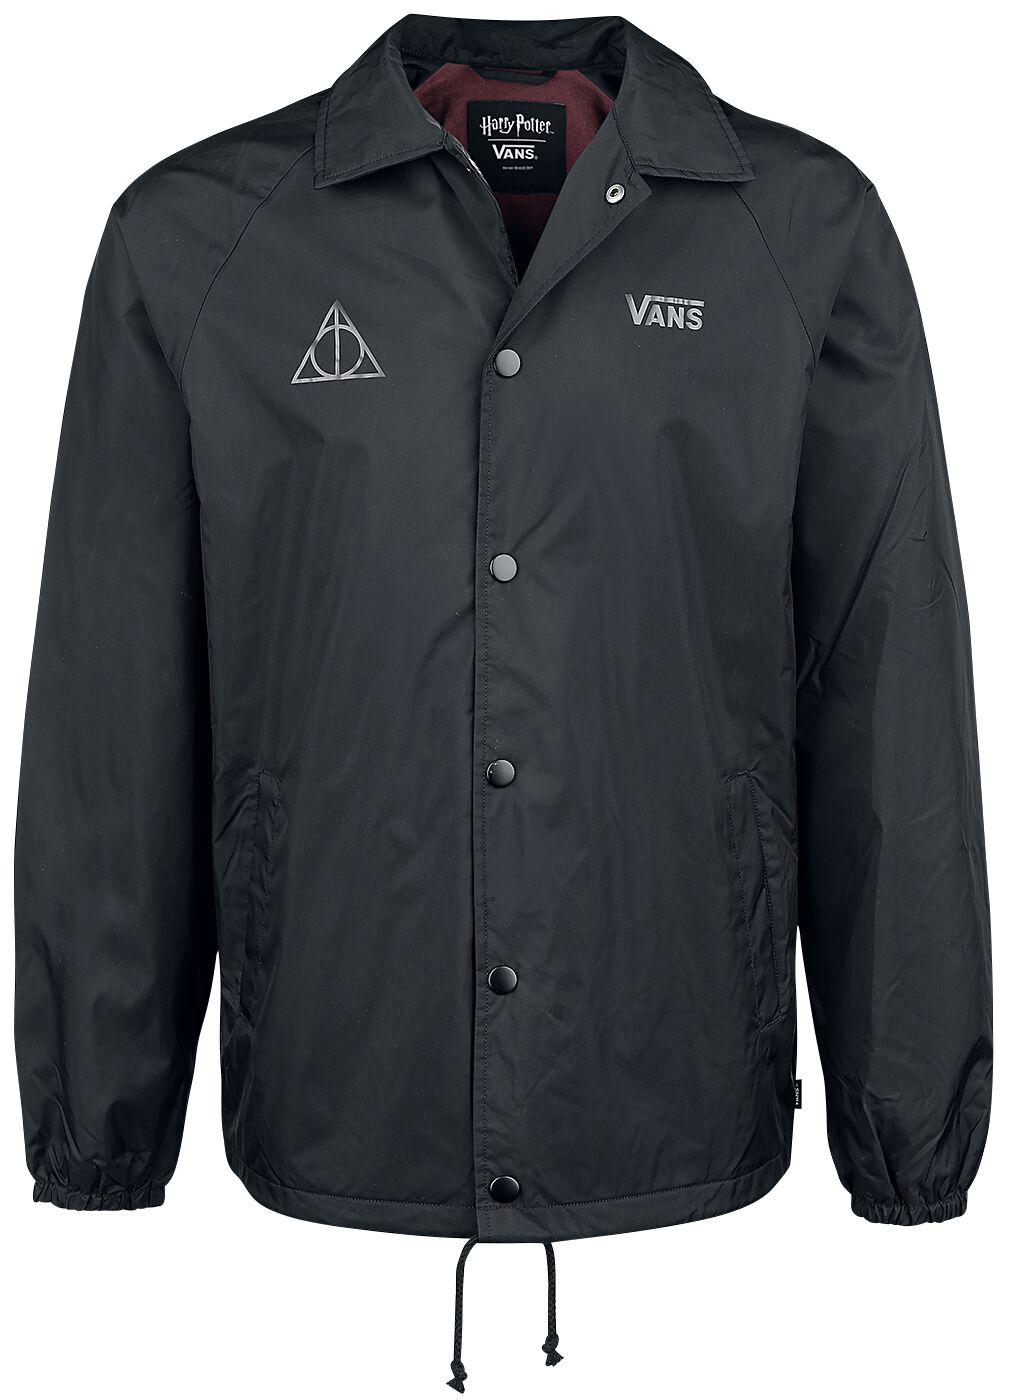 40f4865b5 Torrey Harry Potter | Vans Between-seasons Jacket | EMP